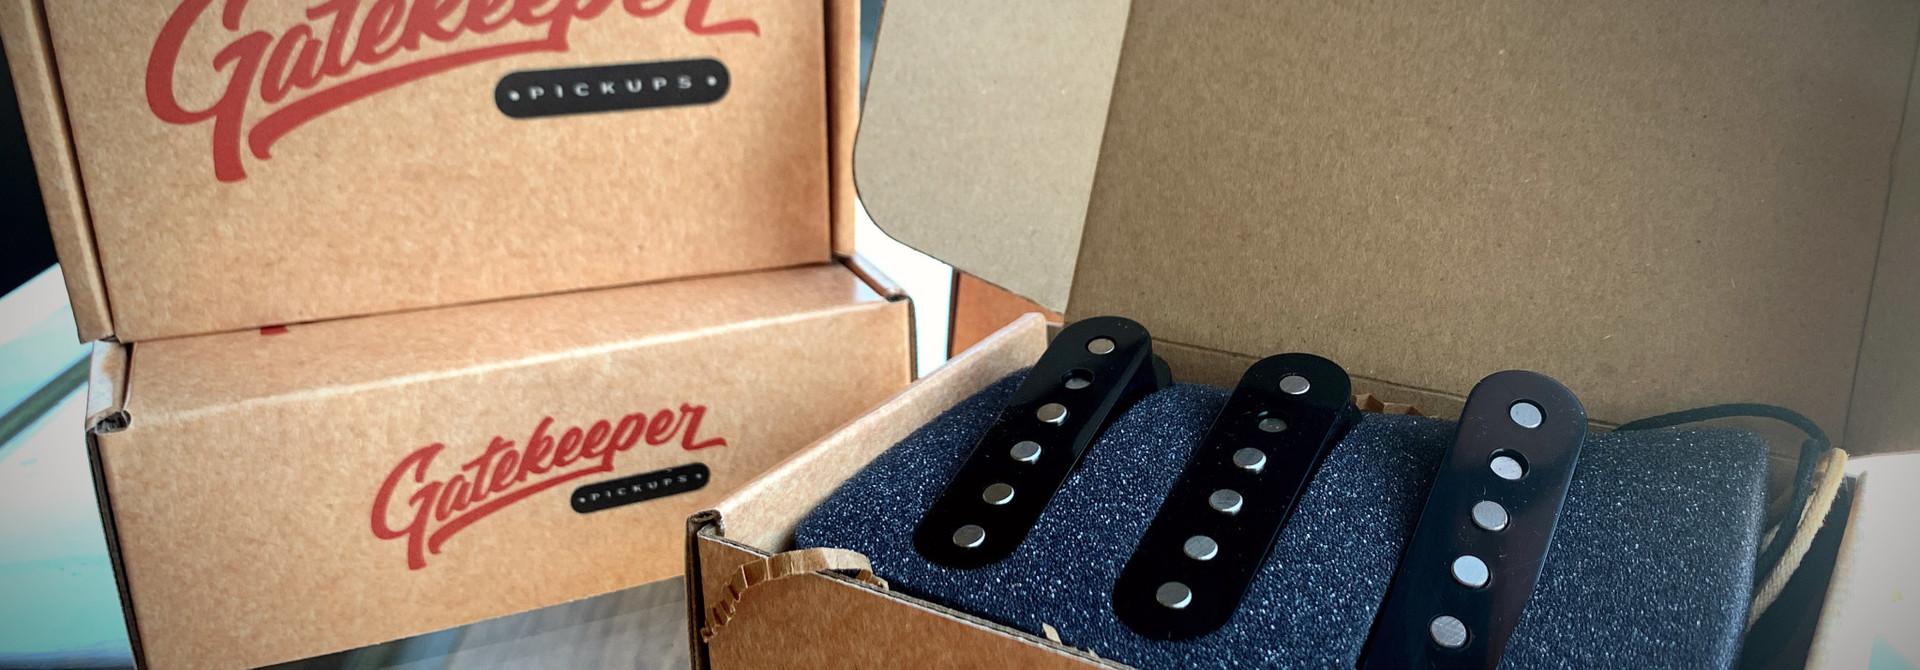 Gatekeeper Pickups Stratocaster Set of 2 - GKP-S